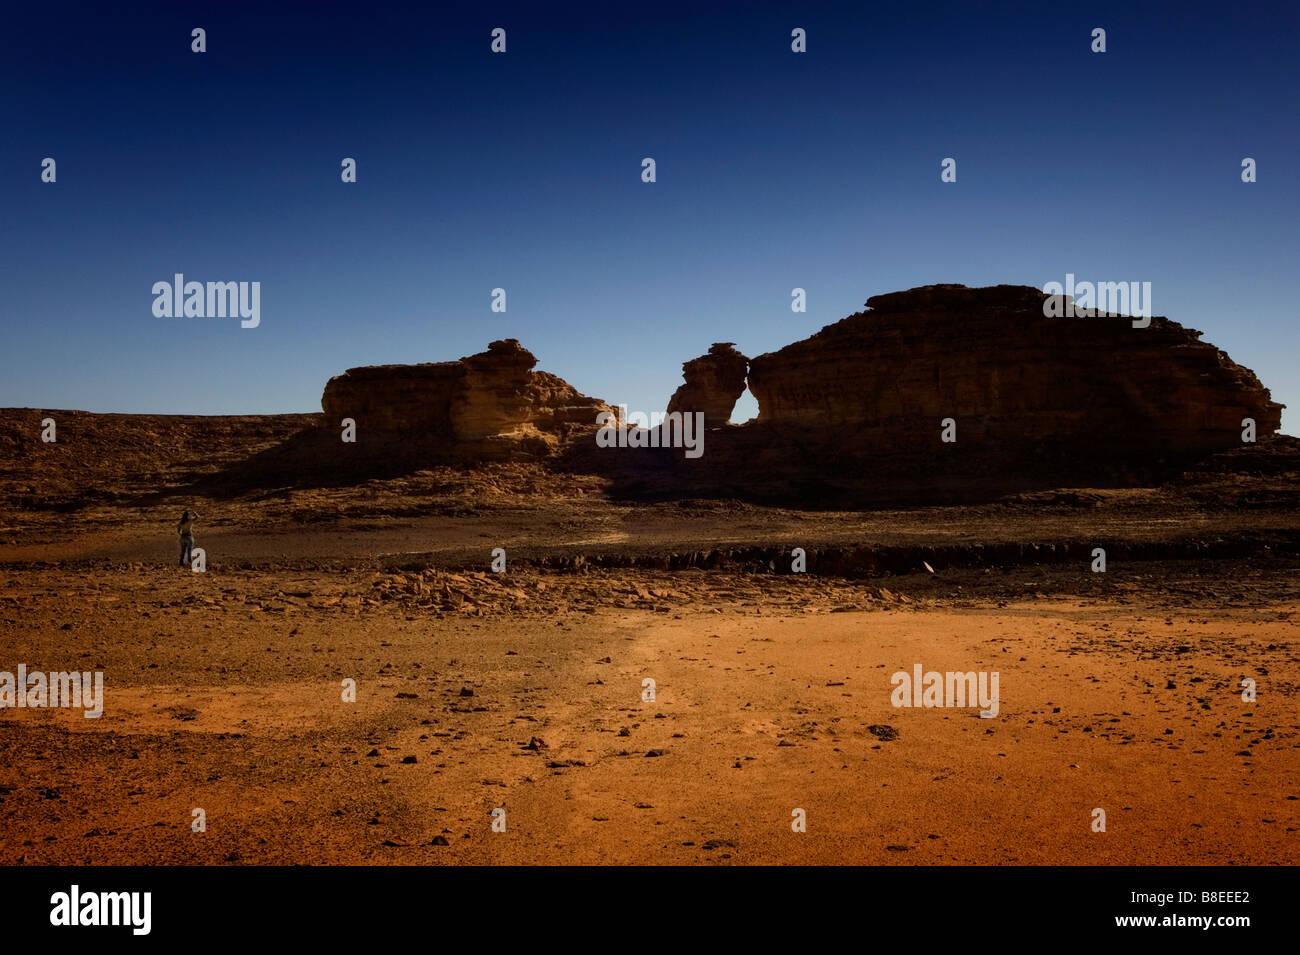 a desert landscape in Egypt - Stock Image